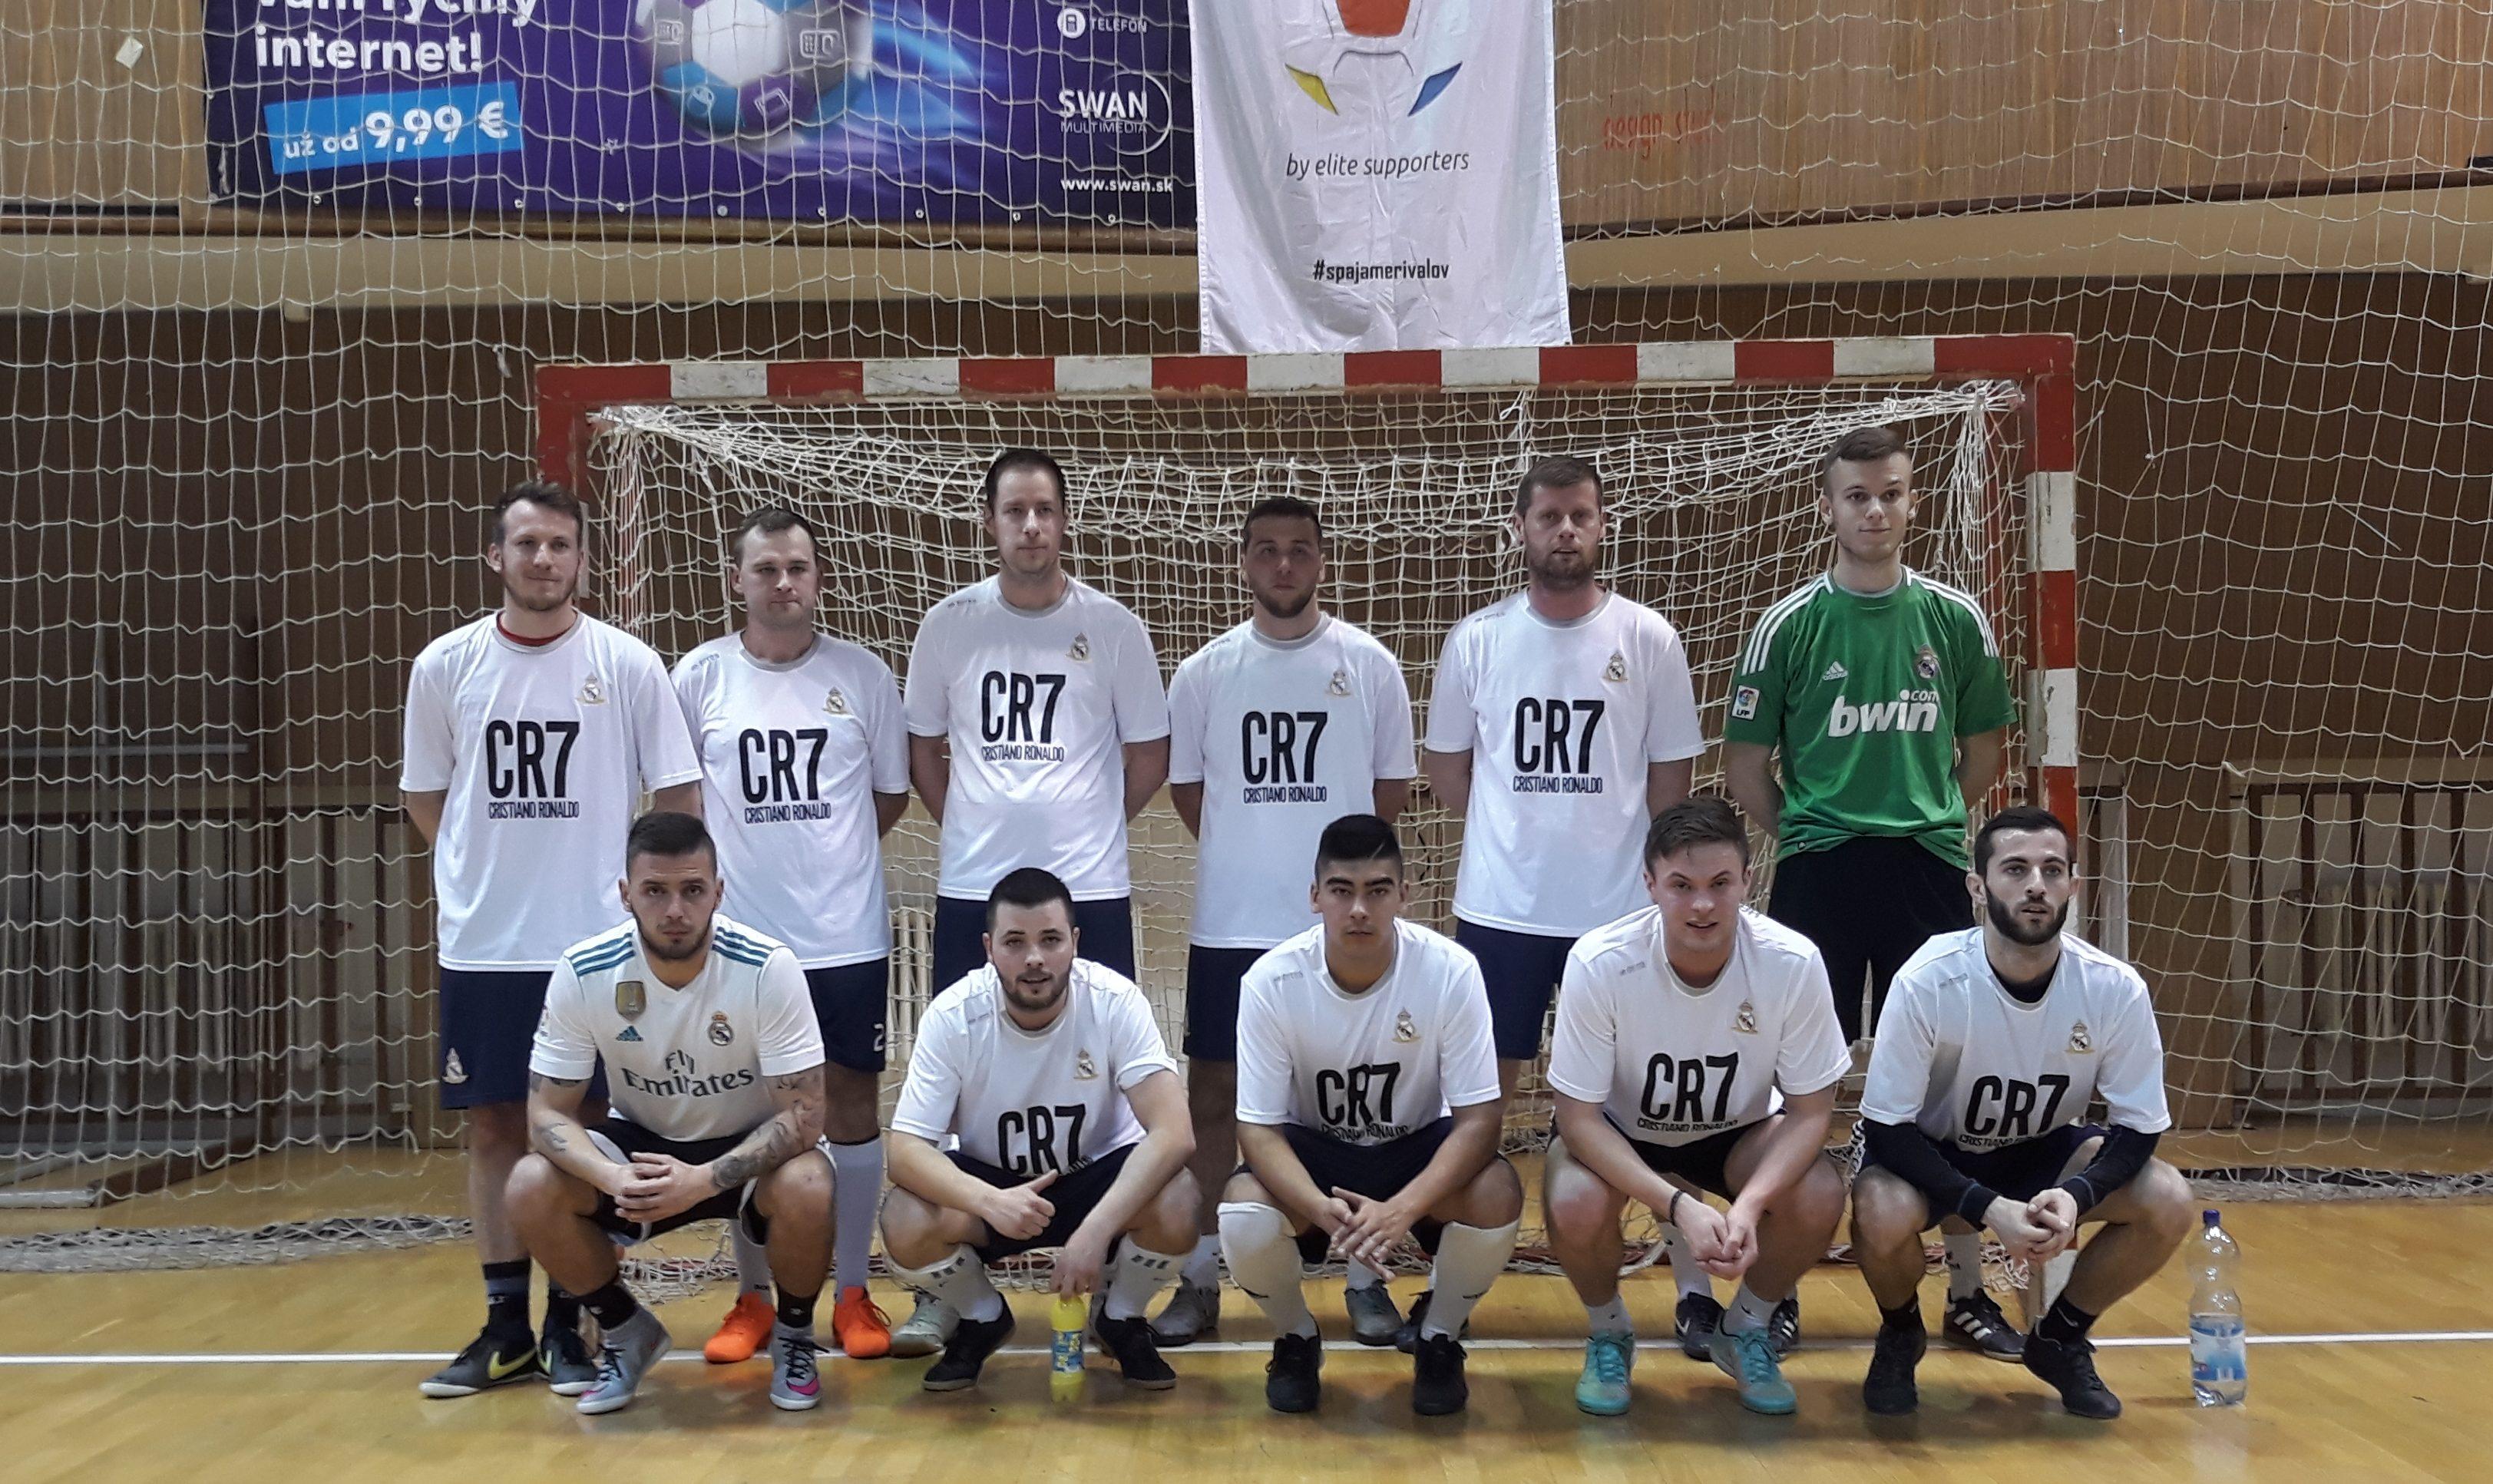 Zúčastnili sme sa 4. ročníka Champions Cup by elite supporters